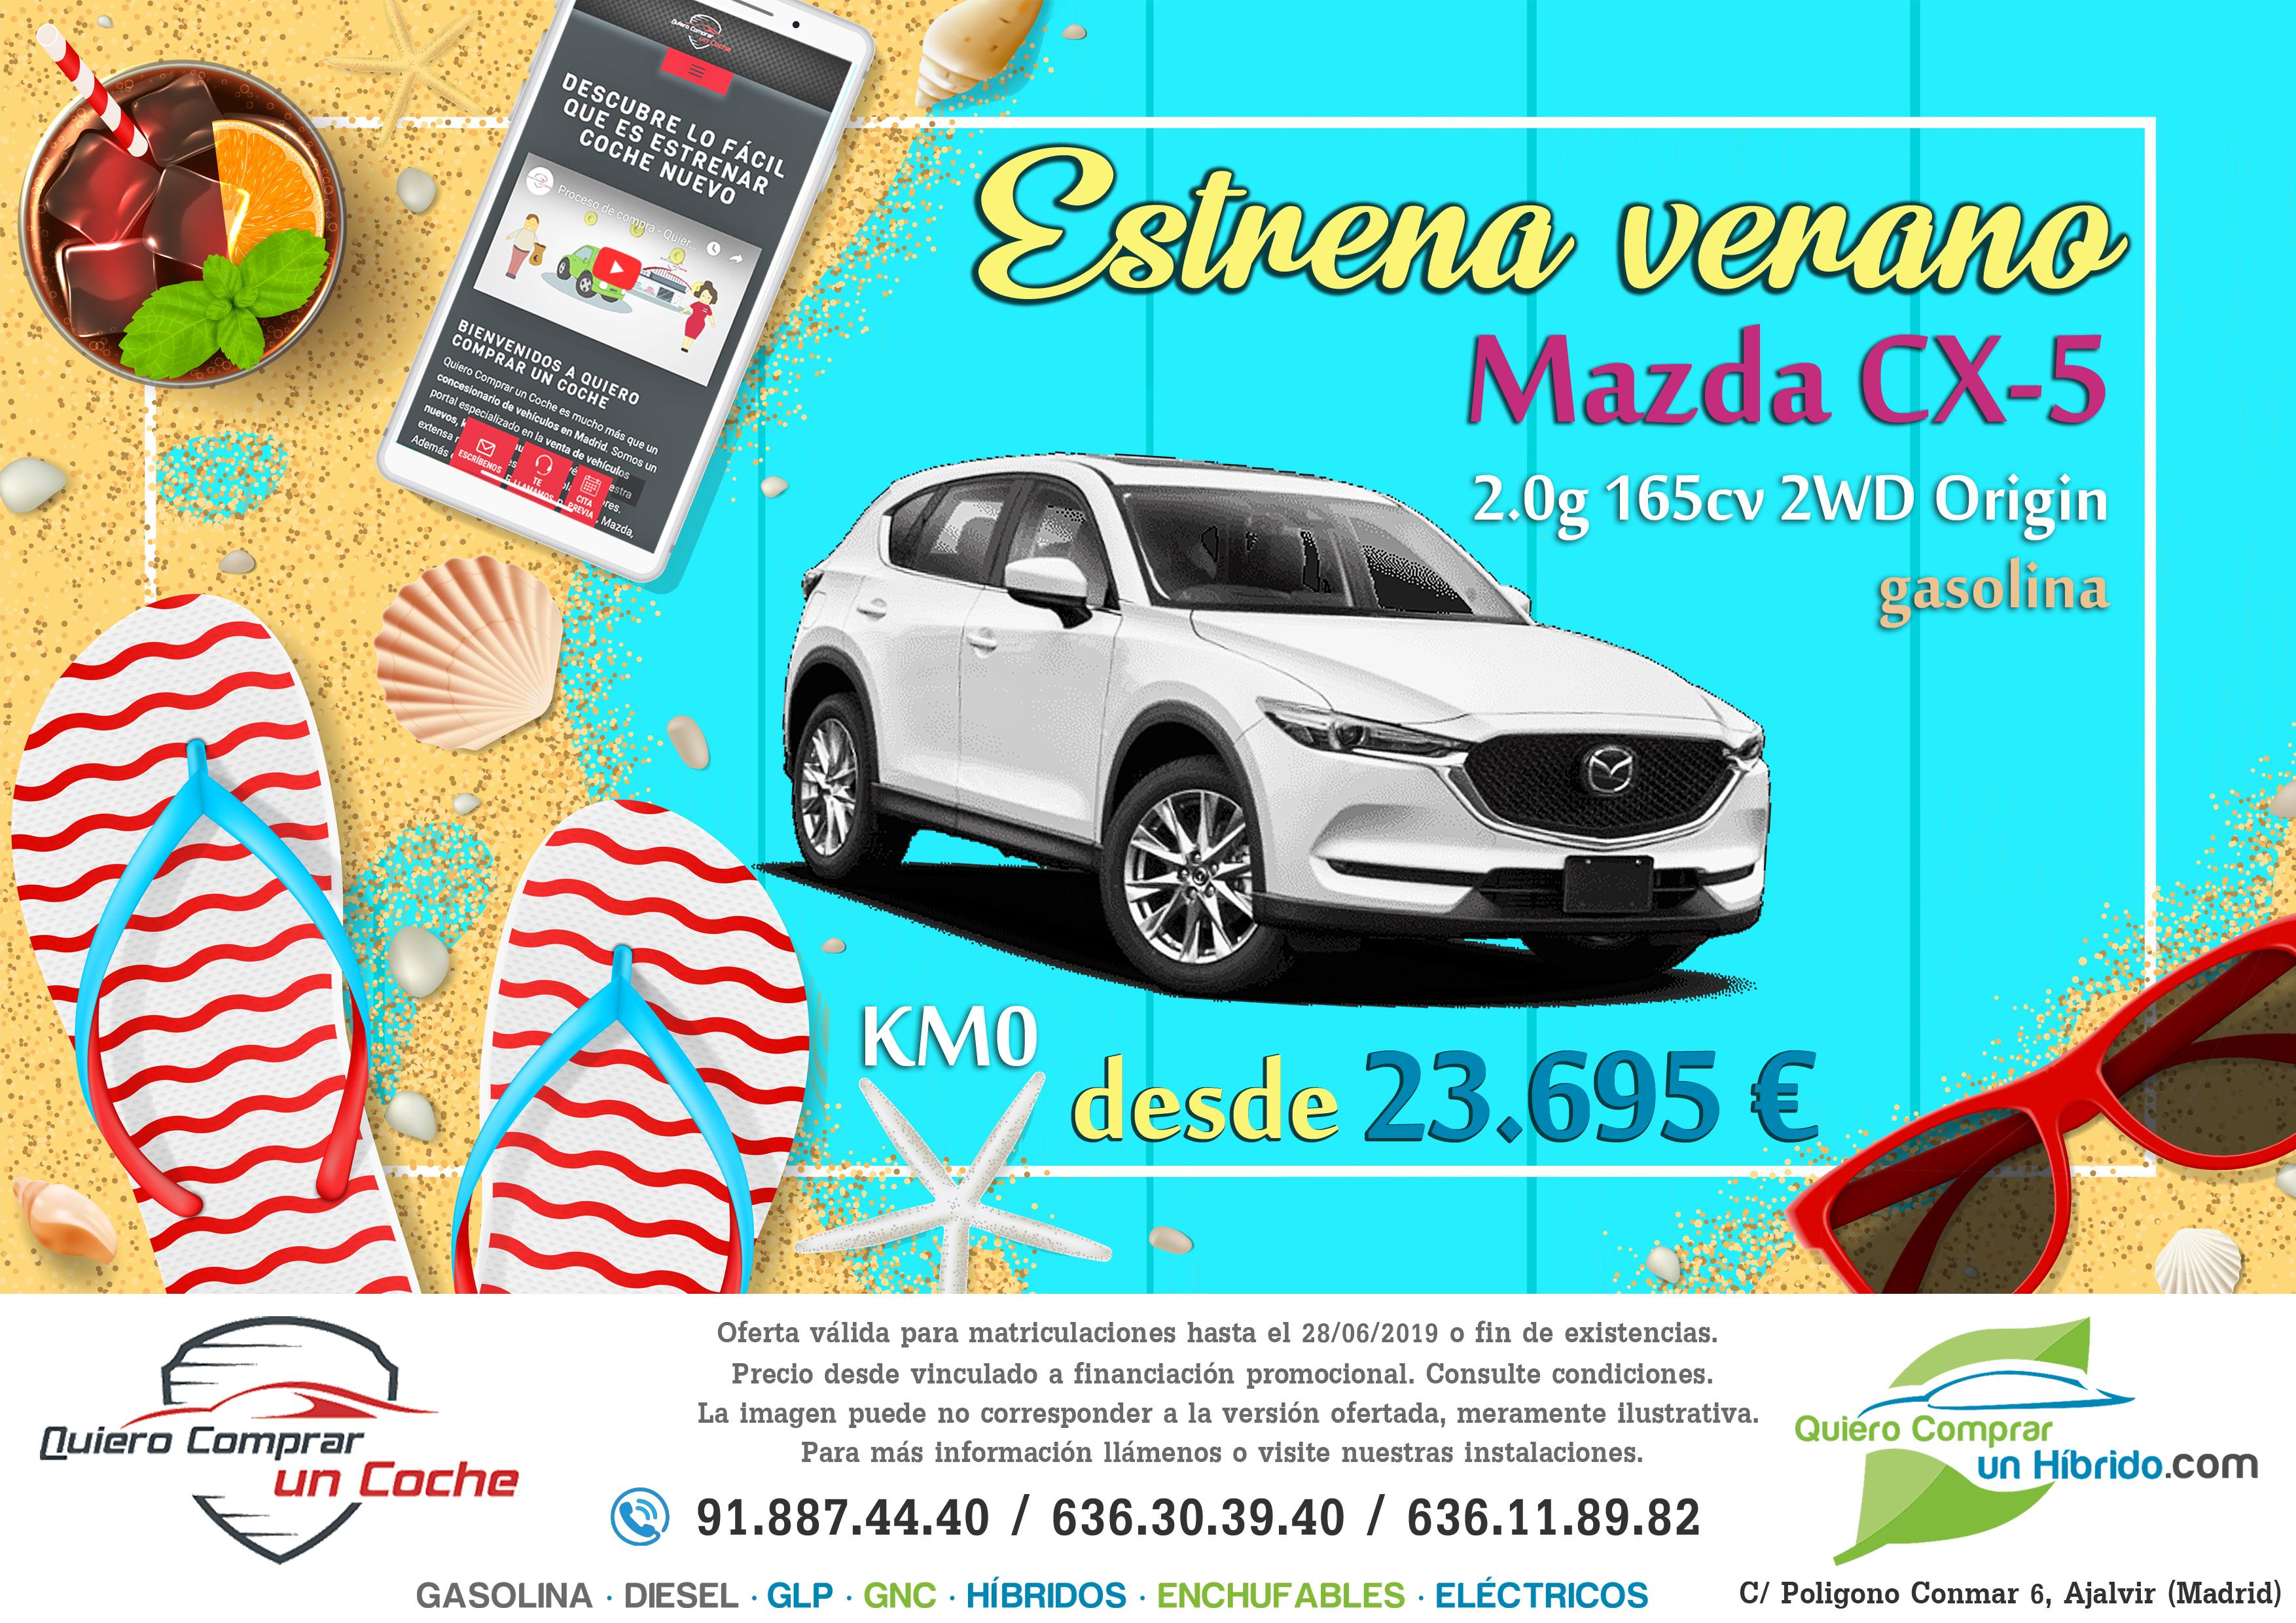 MAZDA CX5 OFERTA QUIERO COMPRAR UN COCHE MADRID AJALVIR